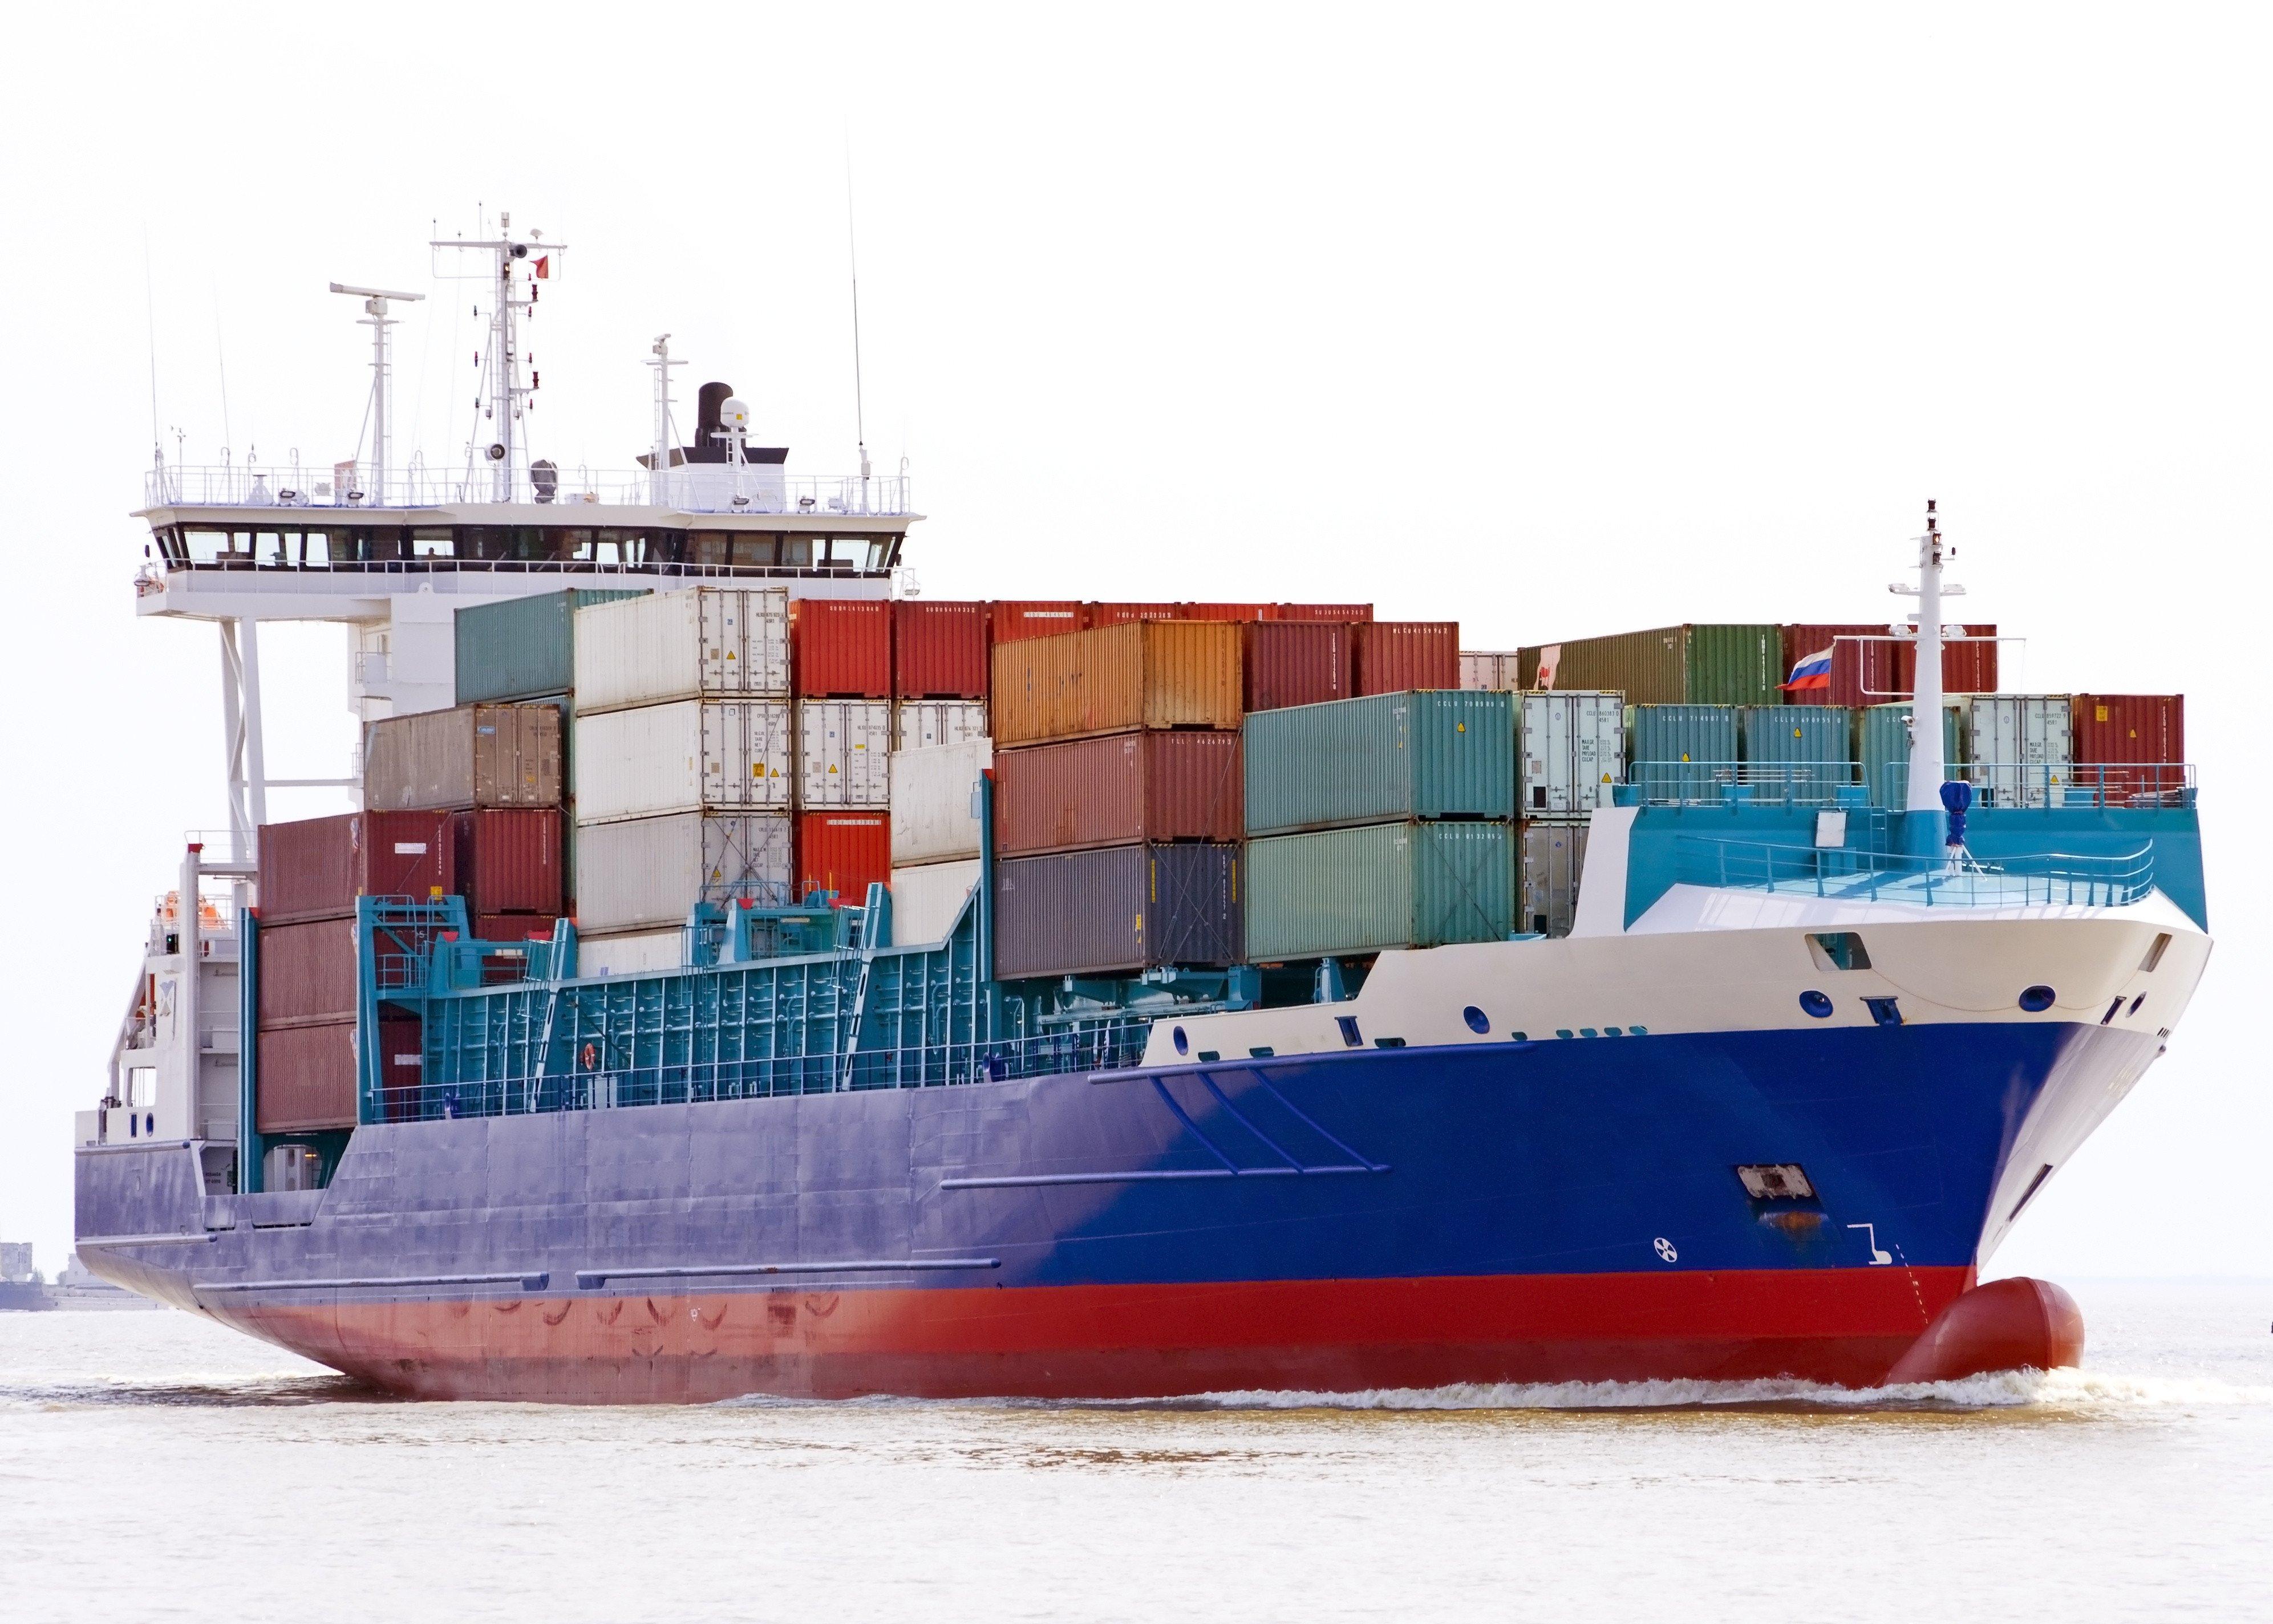 CARGO SHIP boat transport wallpaper | 3985x2848 | 458301 ...